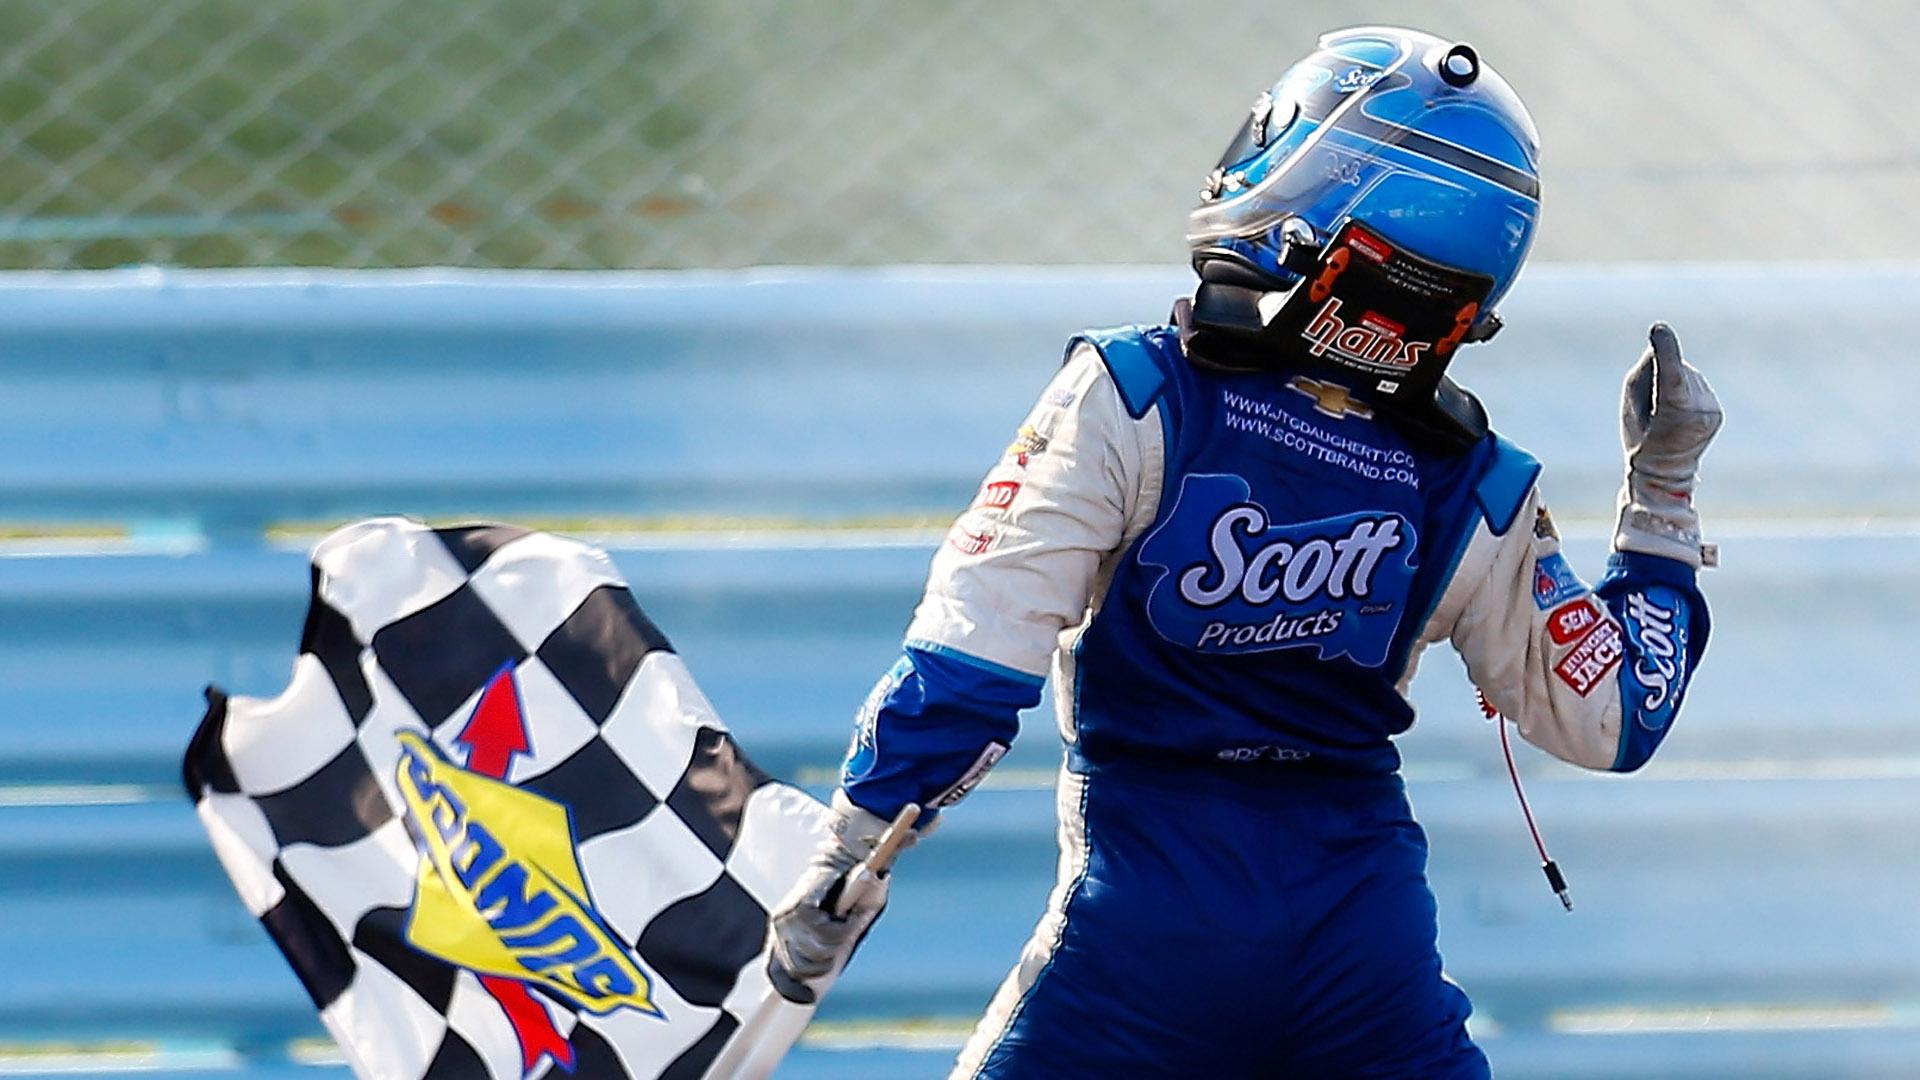 AJ Allmendinger-081514-NASCAR-FTR.jpg